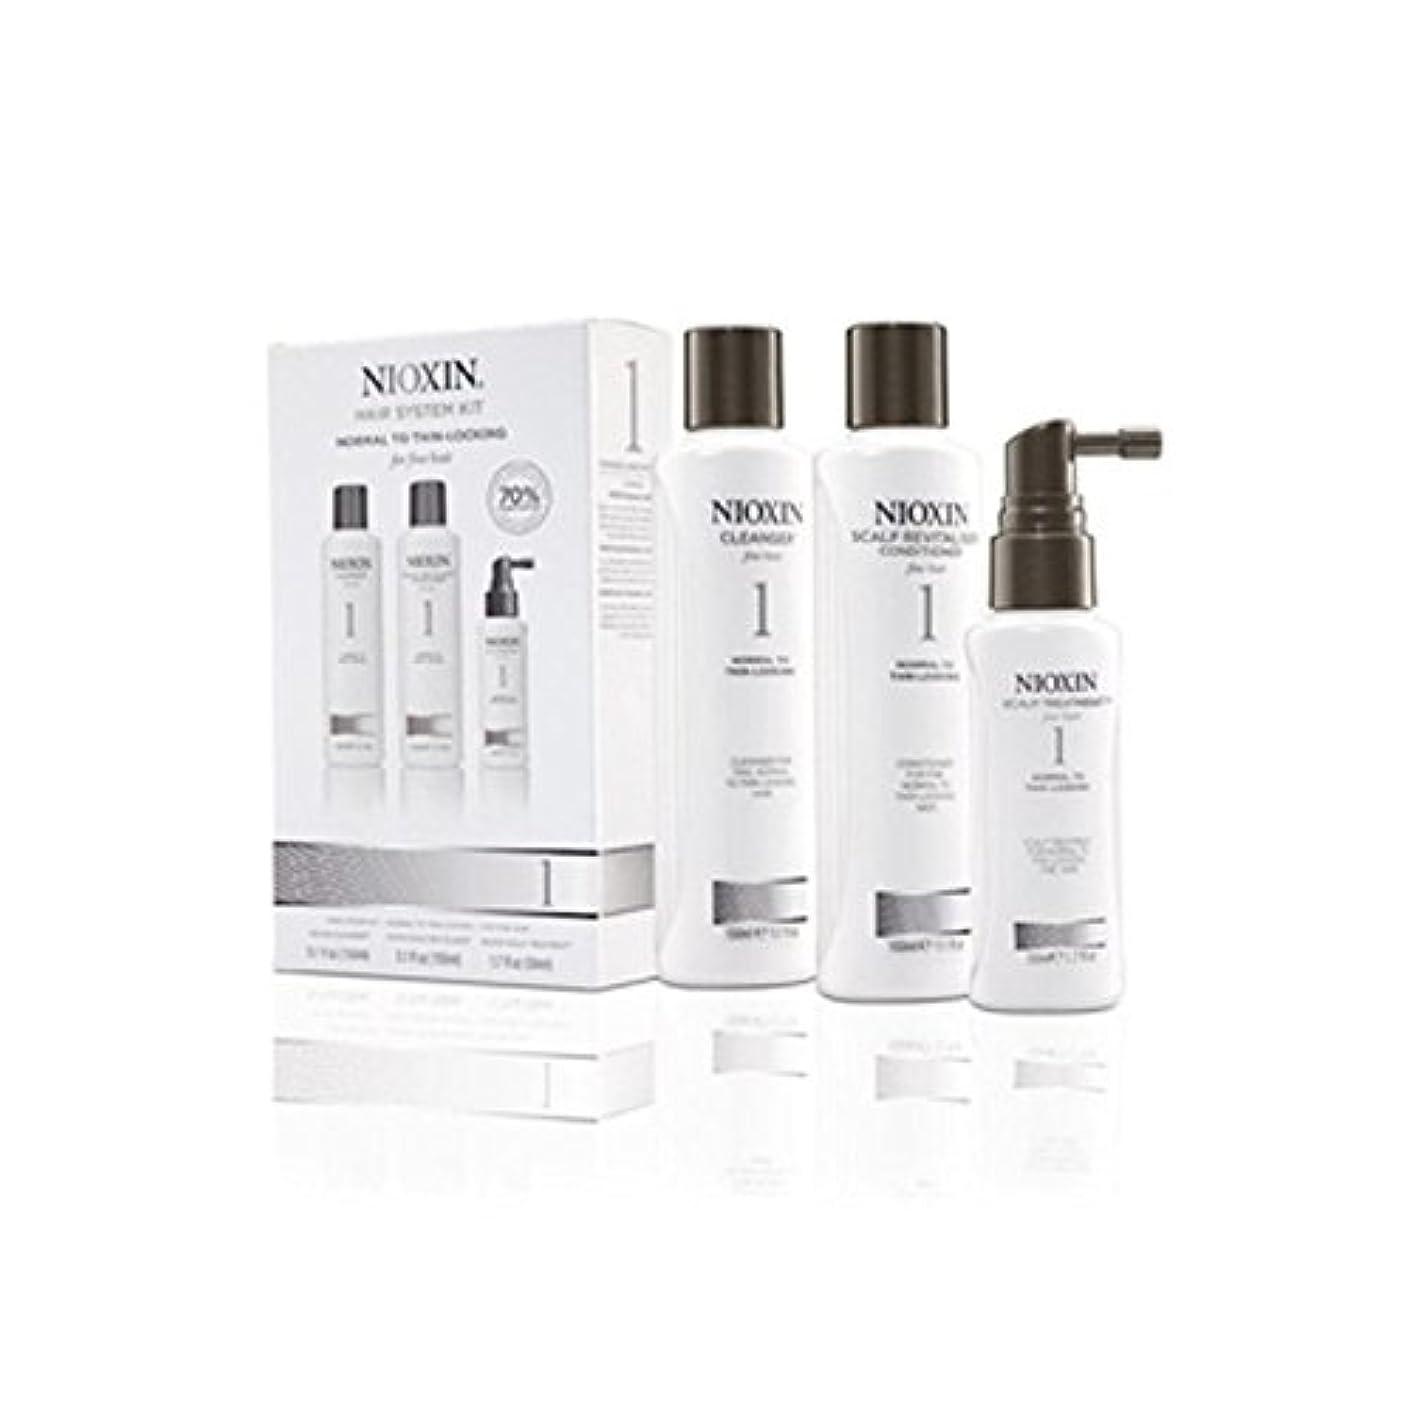 しつけメタン司令官細かい自然な髪への通常のためニオキシンヘアシステムキット1(3製品) x4 - Nioxin Hair System Kit 1 For Normal To Fine Natural Hair (3 Products)...